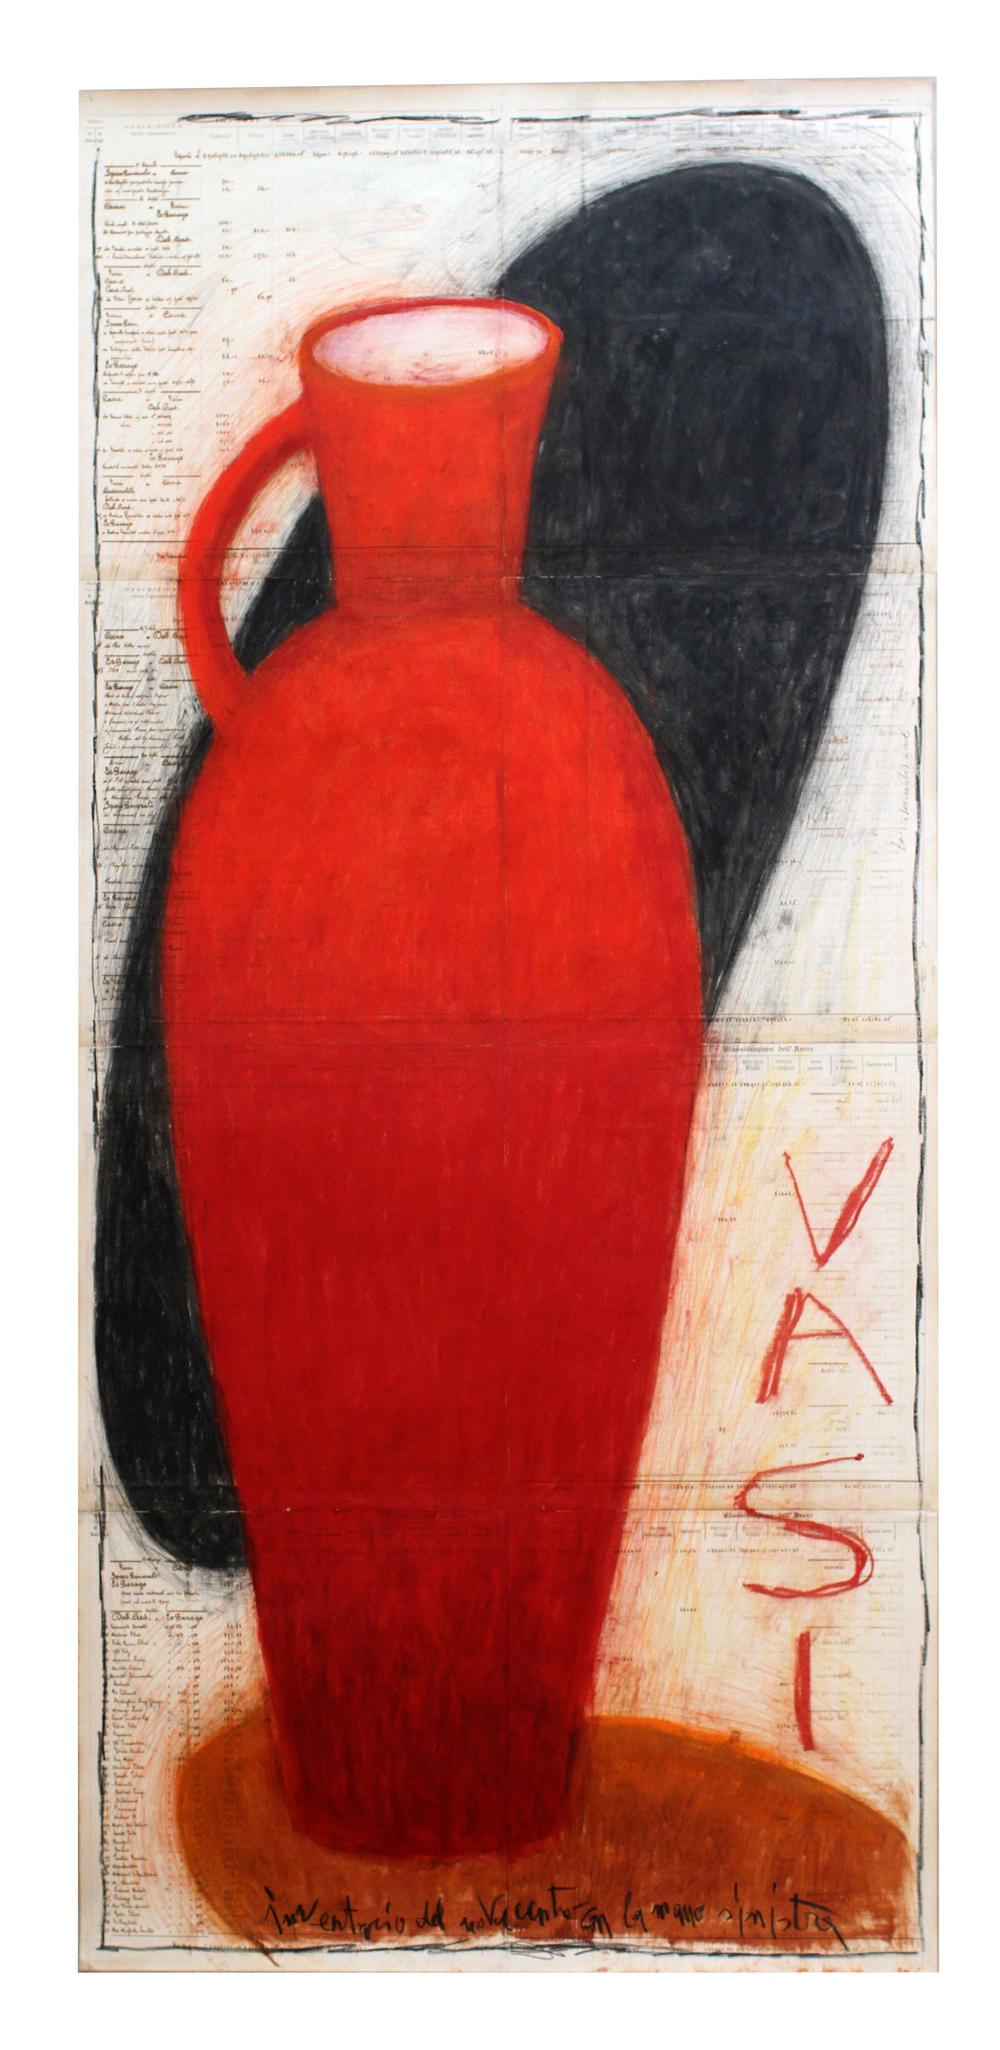 Vasi Inventario del Novecento con Mano Sinistra, 2006